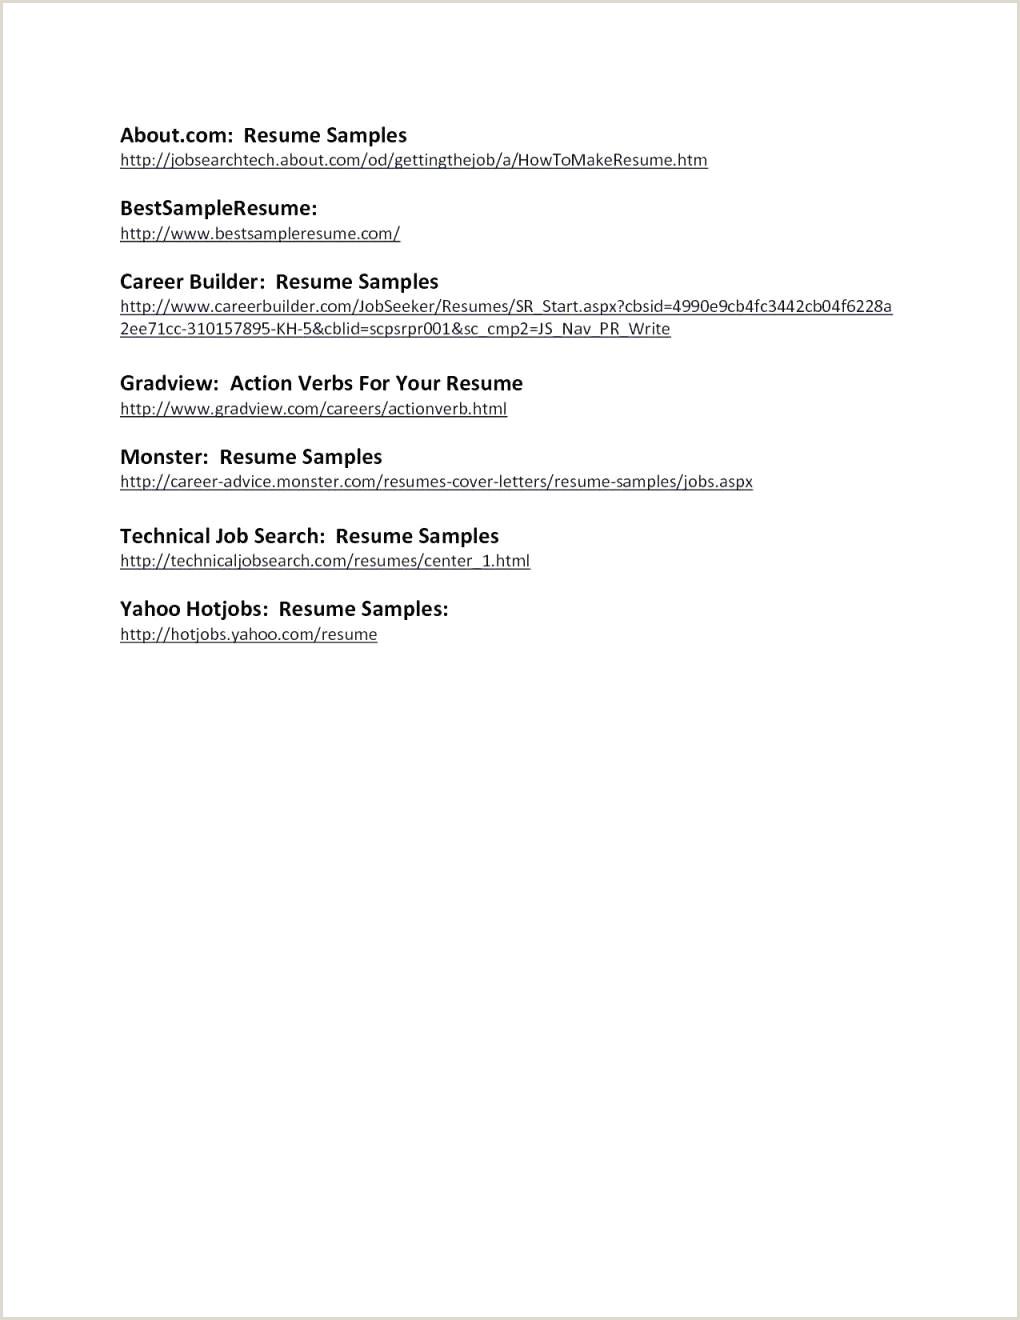 Consulting Cover Letter Deloitte Lettre De Motivation Paces élégant Adjectif Lettre De